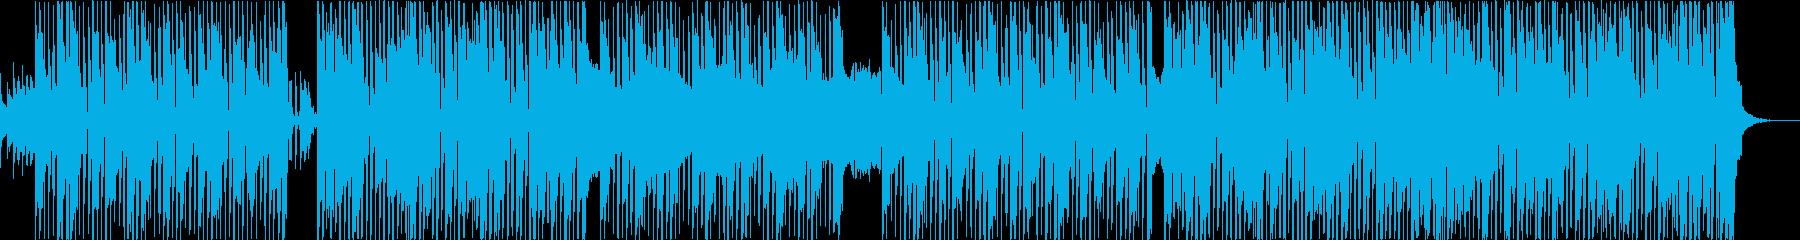 ポップオルタナティブインスト弾む楽...の再生済みの波形